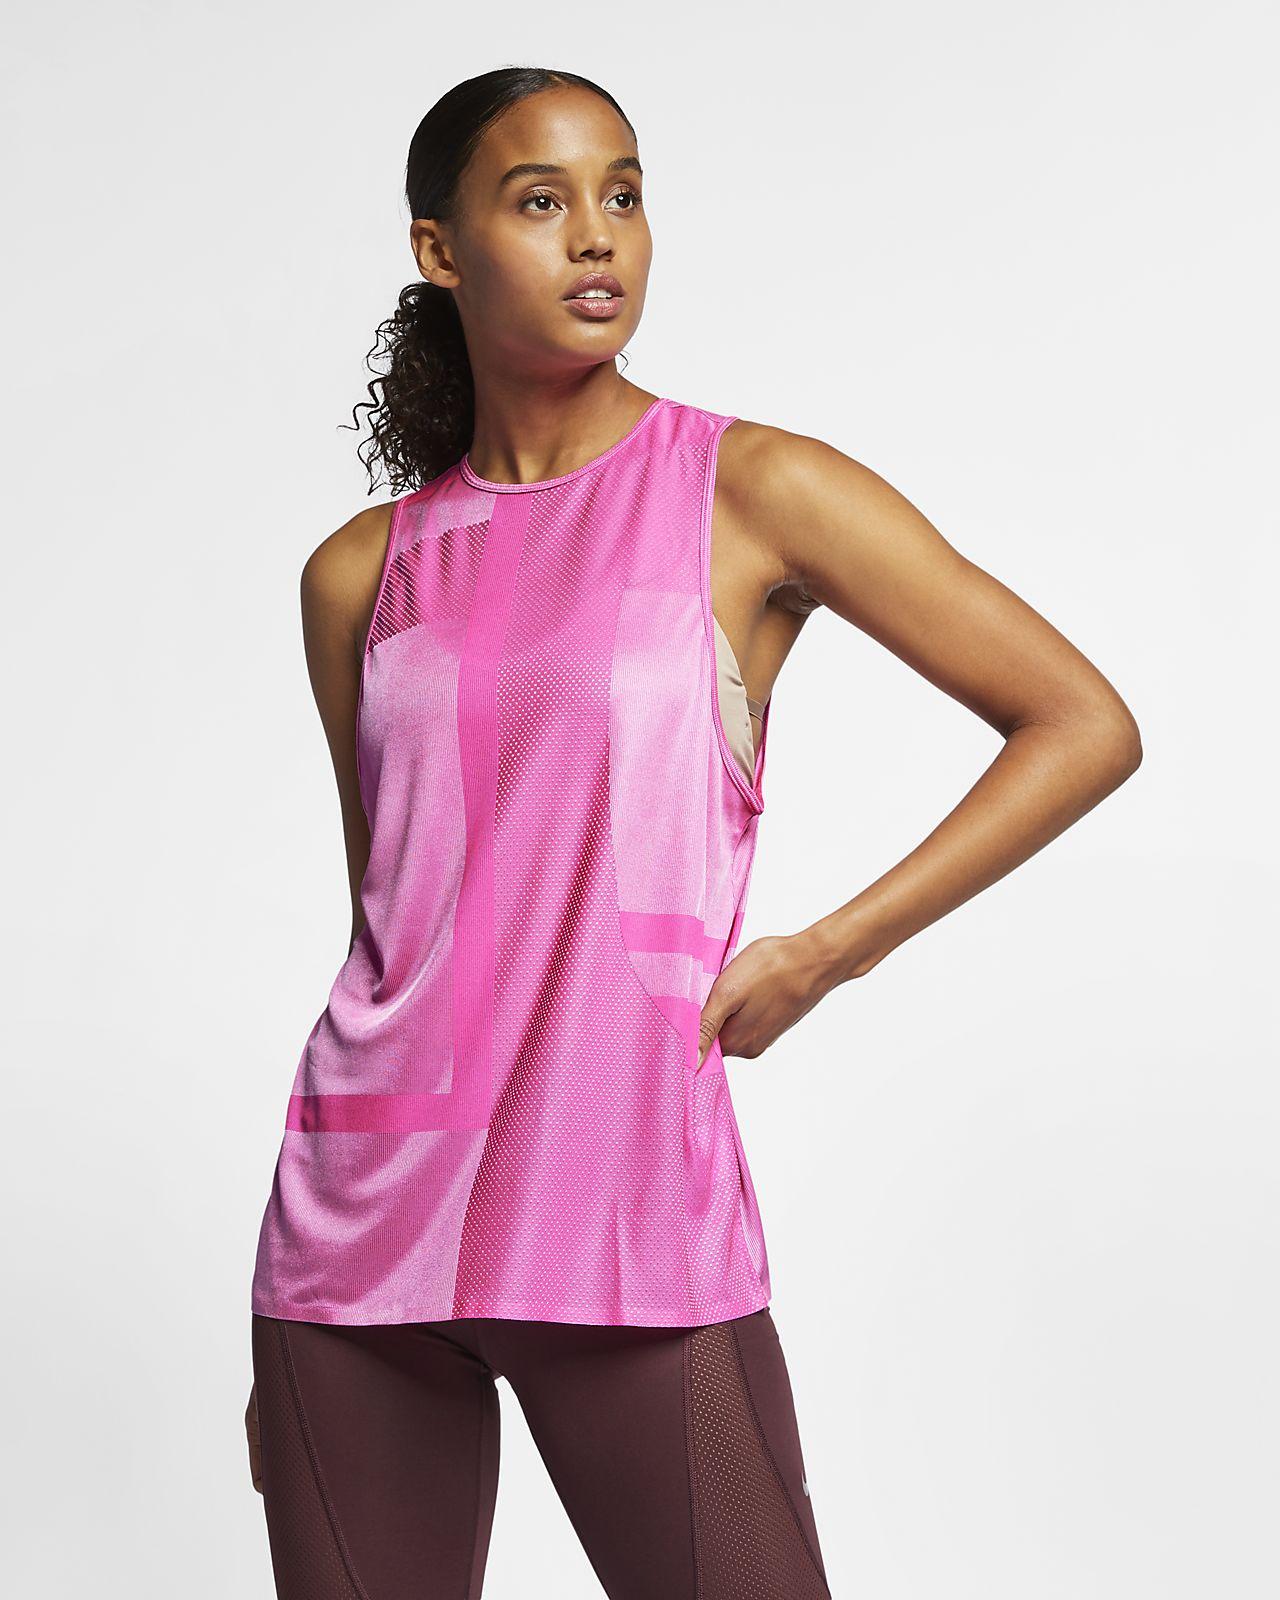 Low Resolution Dámské úpletové tréninkové tílko Nike Dámské úpletové  tréninkové tílko Nike aae05f586d